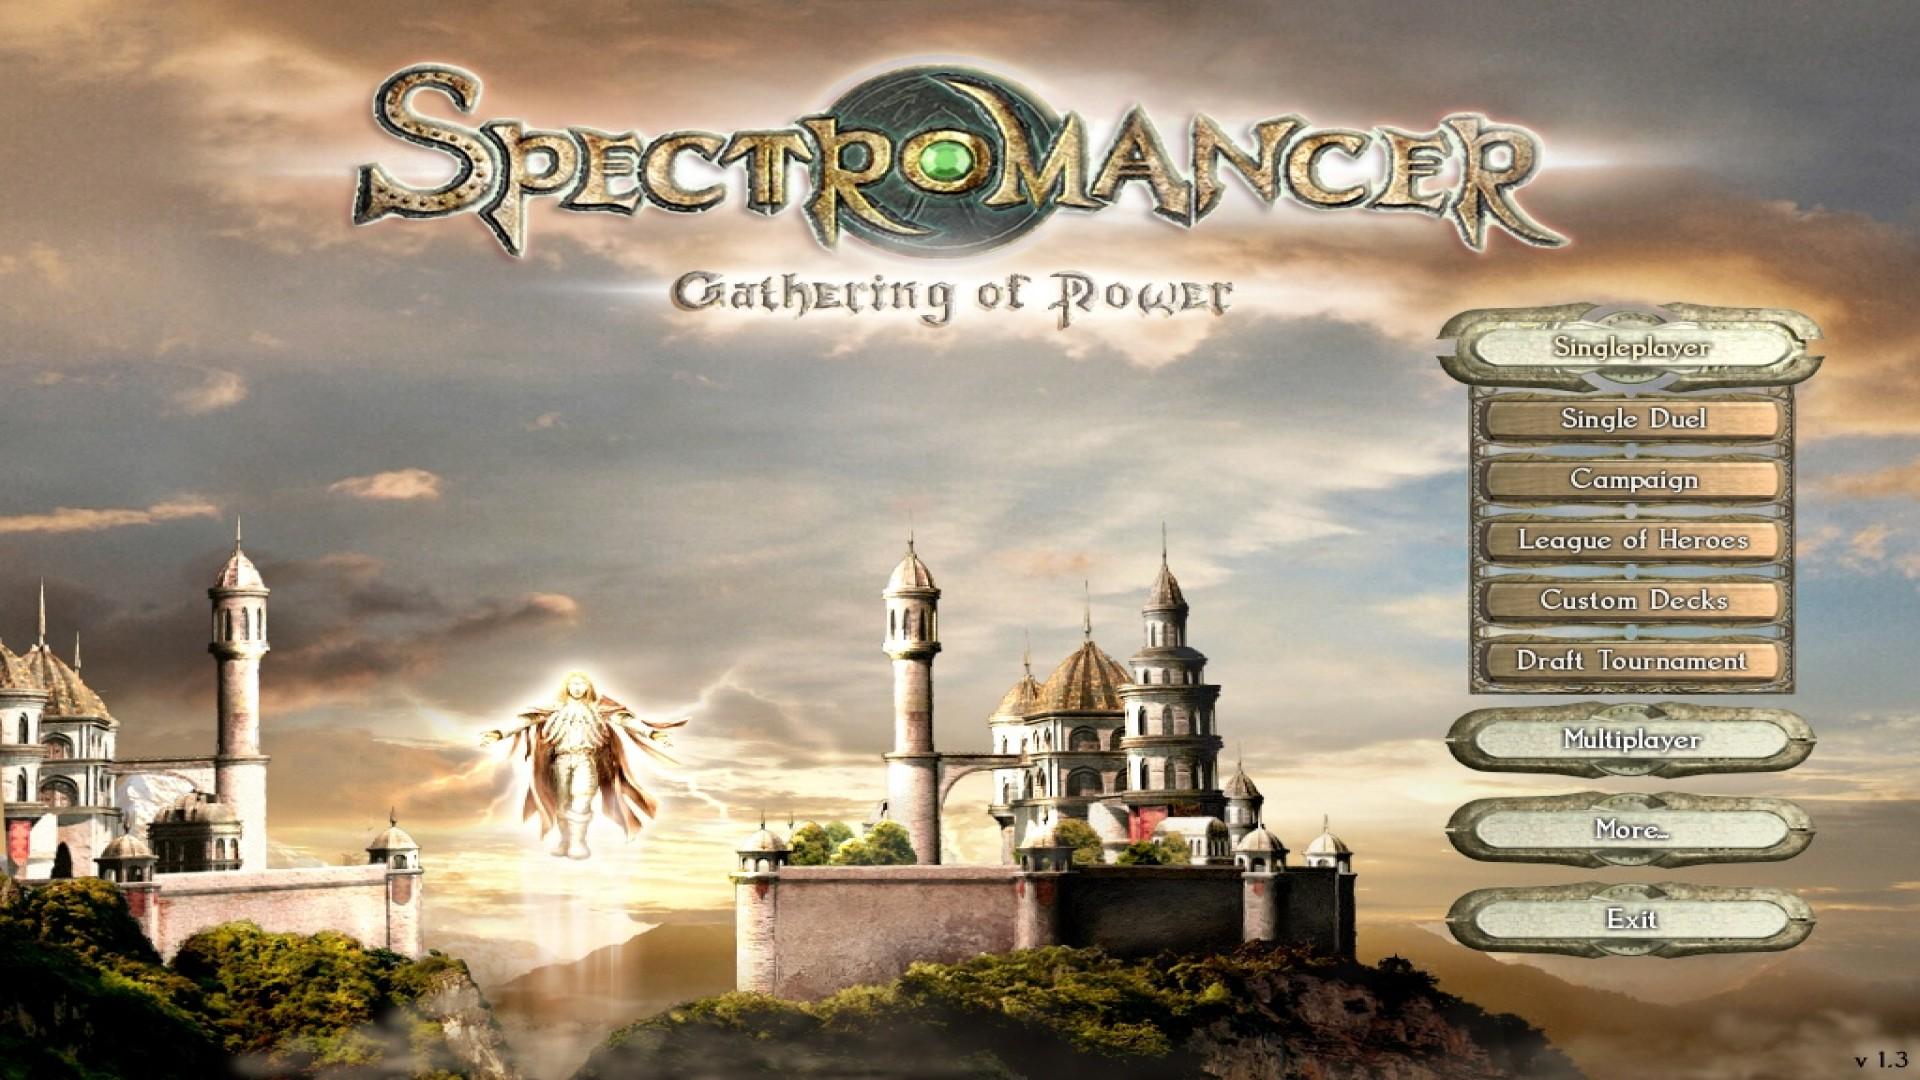 Spectromancer: Gathering of Power screenshot